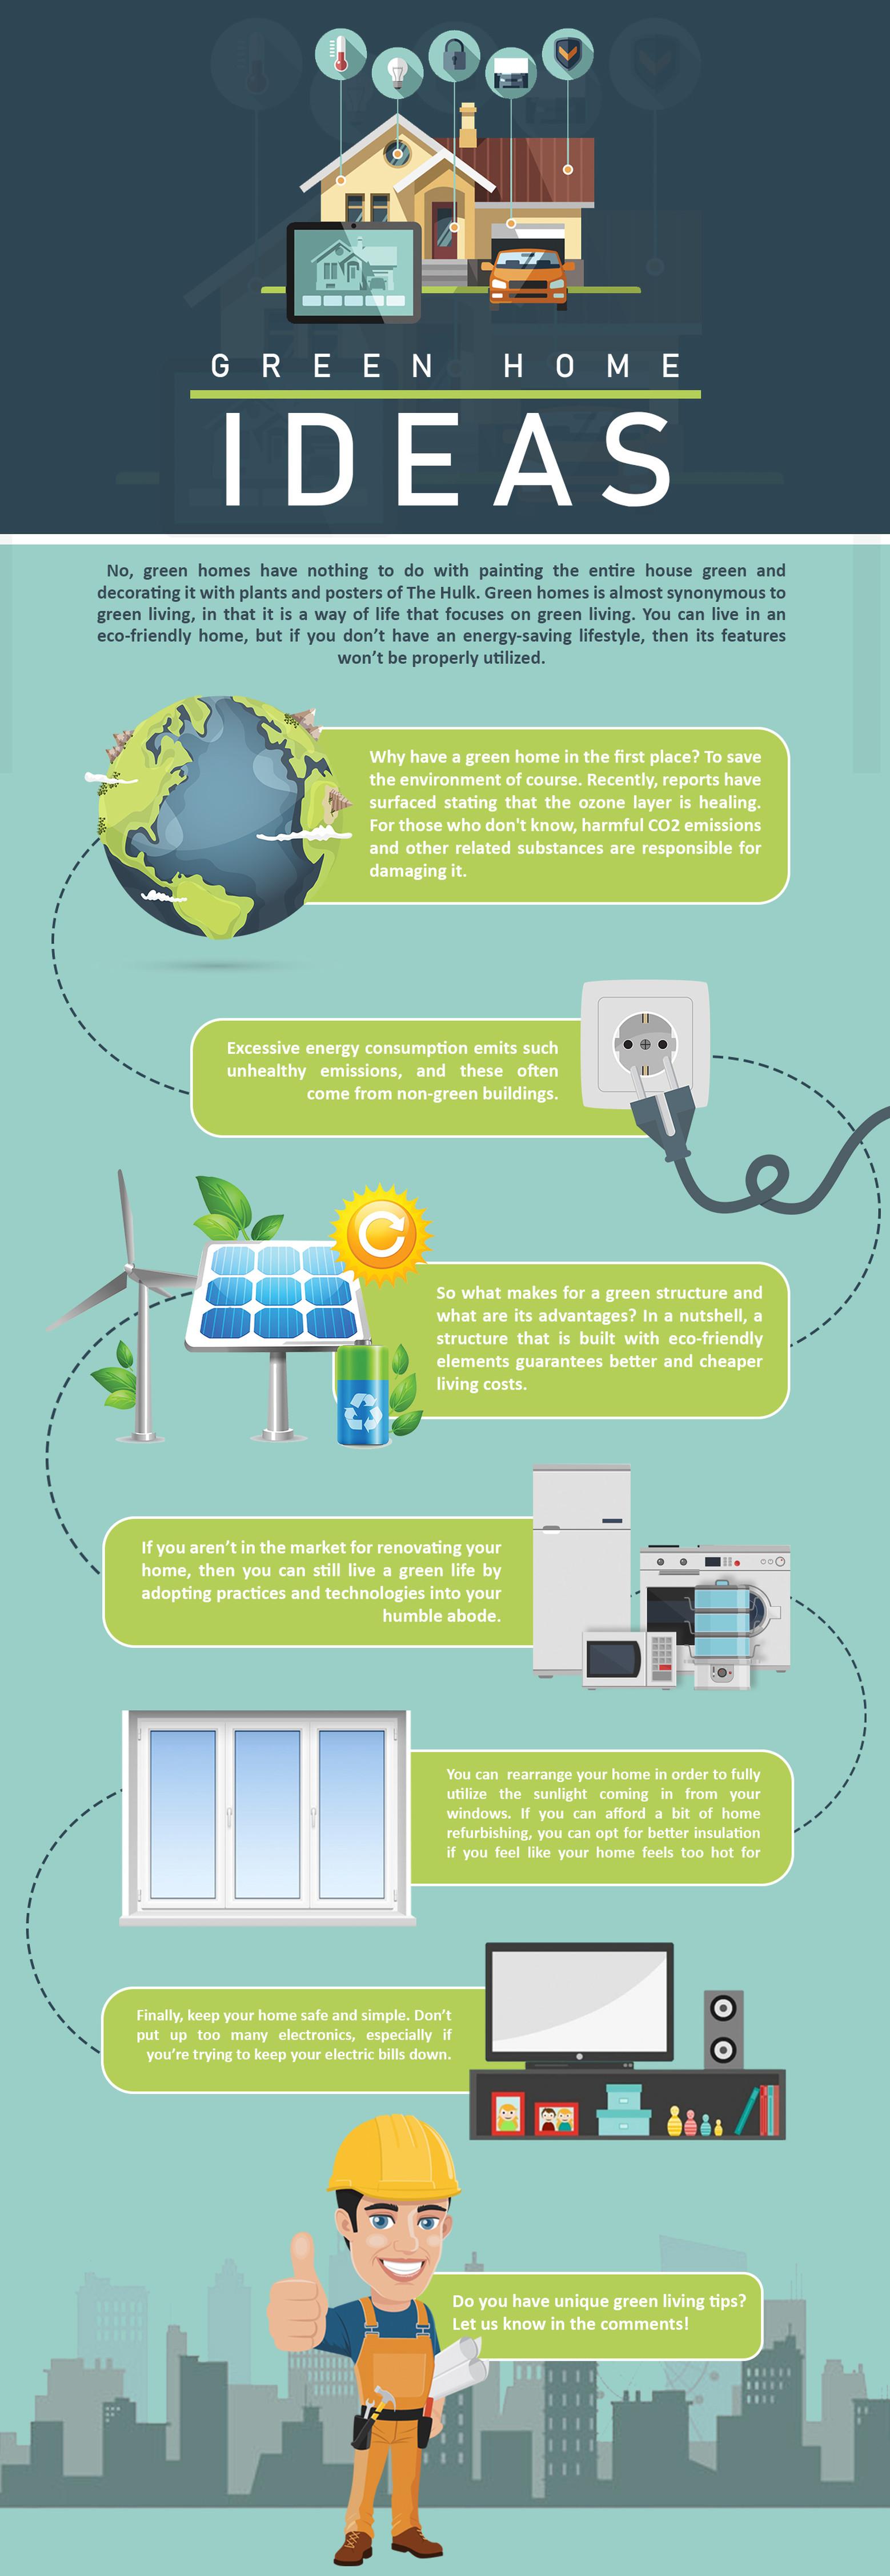 Green home ideas infog.jpg